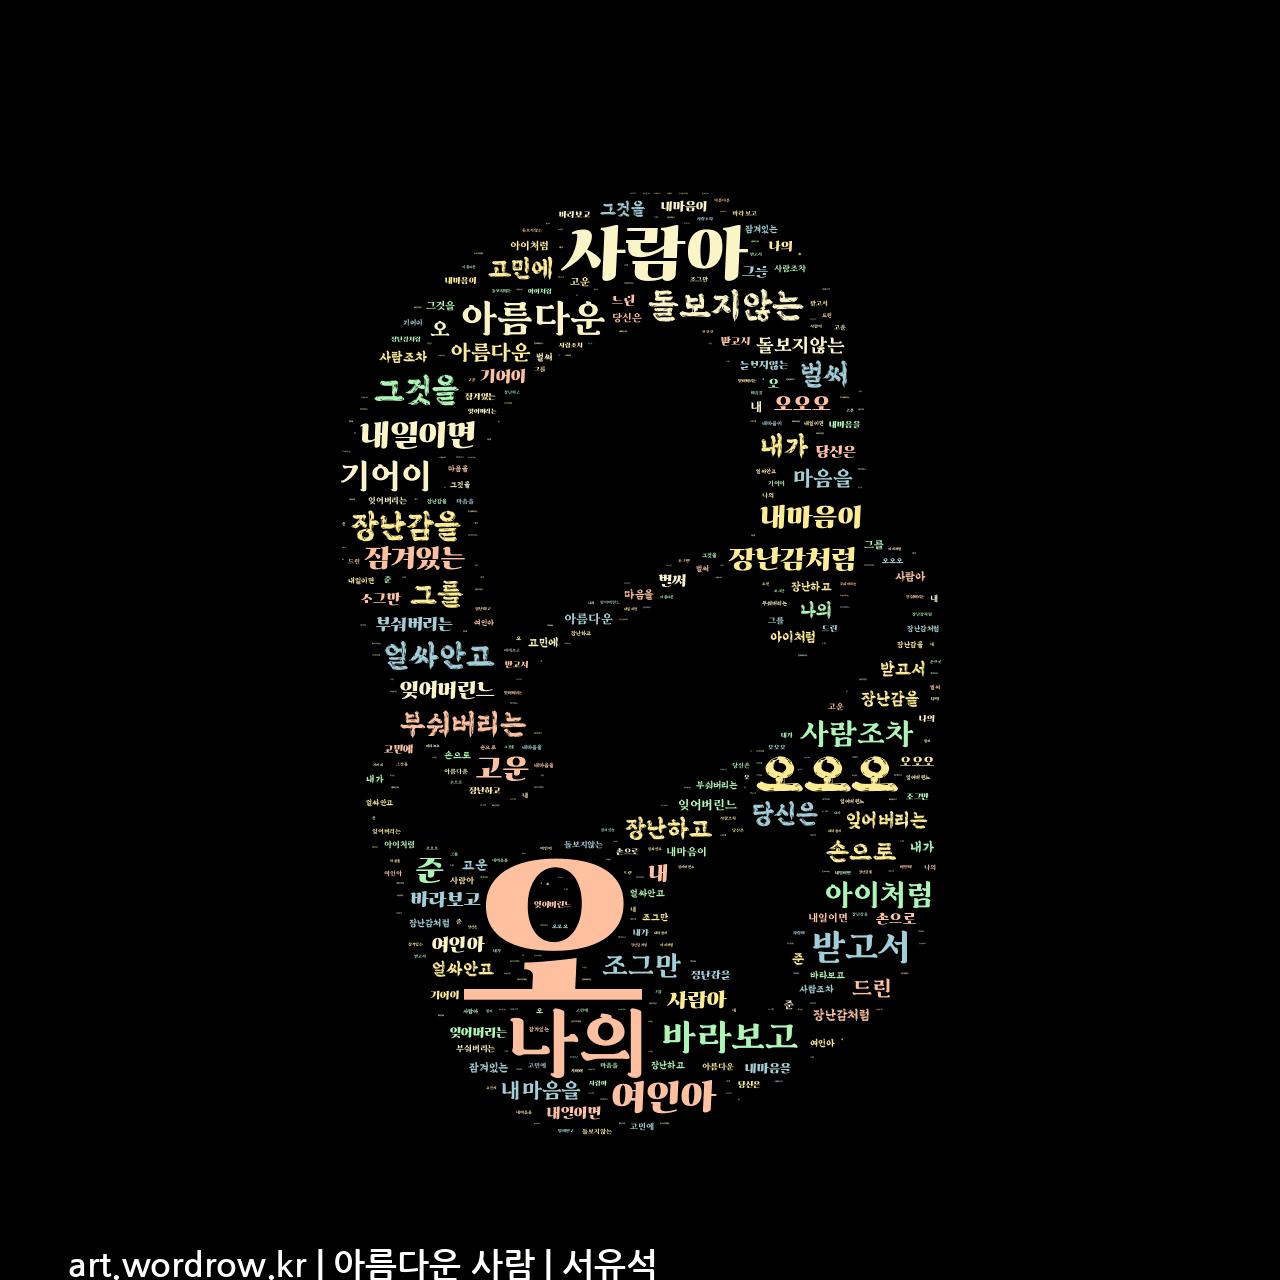 워드 아트: 아름다운 사람 [서유석]-5